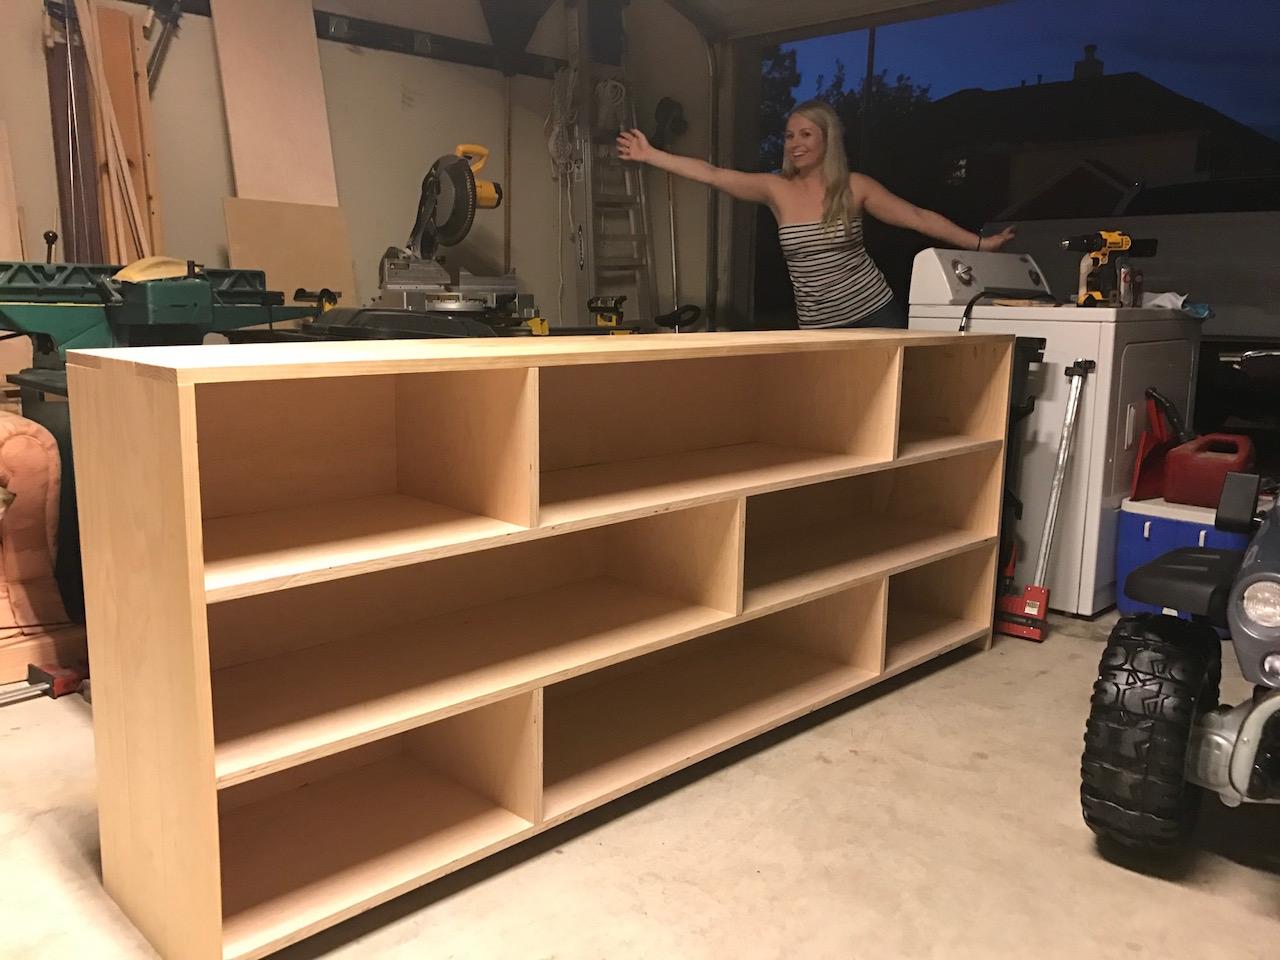 Lee S Horizontal Bookcase The Wood Whisperer